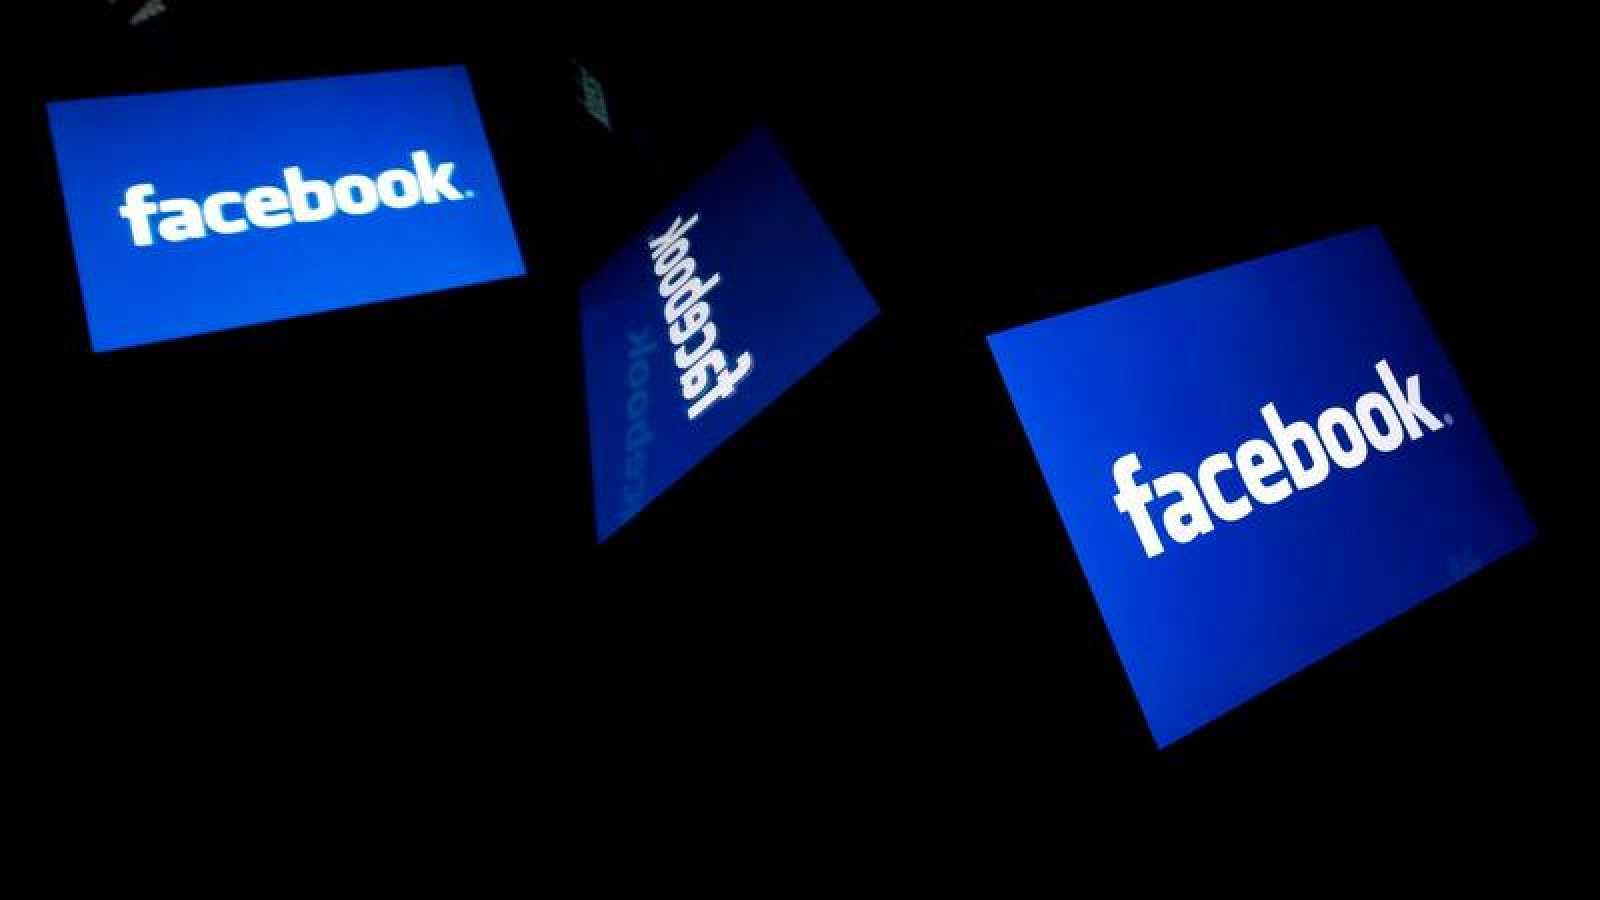 Mark Zuckerberg asegura que Facebook ha ayudado a registrarse y votar a cuatro millones de personas en EE.UU.